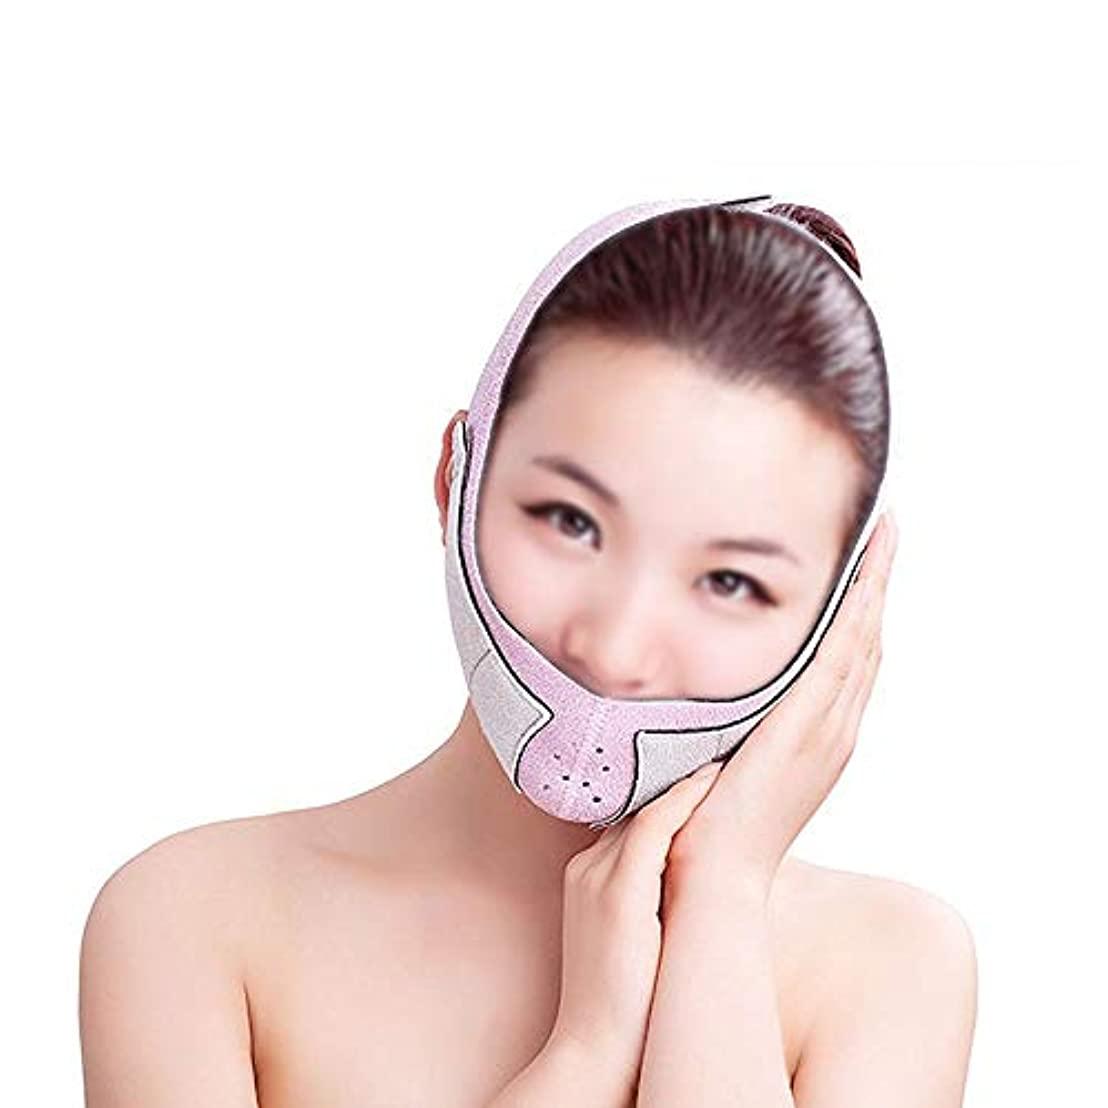 ルーチンキャロラインコミットメントGLJJQMY 薄い顔マスク痩身ベルト薄い顔マスク強力なアップグレード小さいV顔薄い顔包帯美容顔デバイス 顔用整形マスク